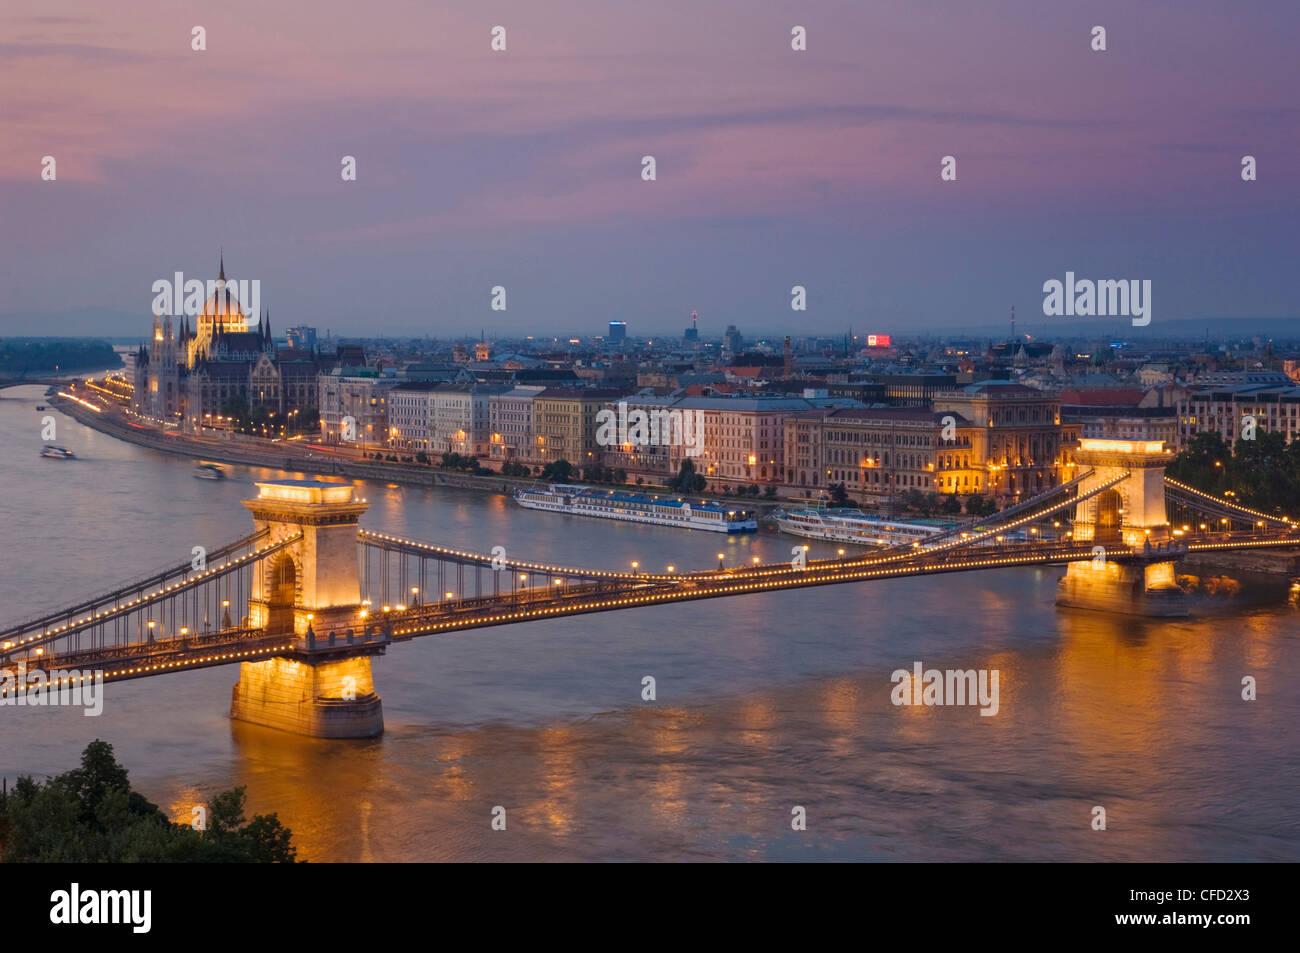 Panorama des ungarischen Parlaments und der Kettenbrücke (Szechenyi Lánchíd), über die Donau, Stockbild